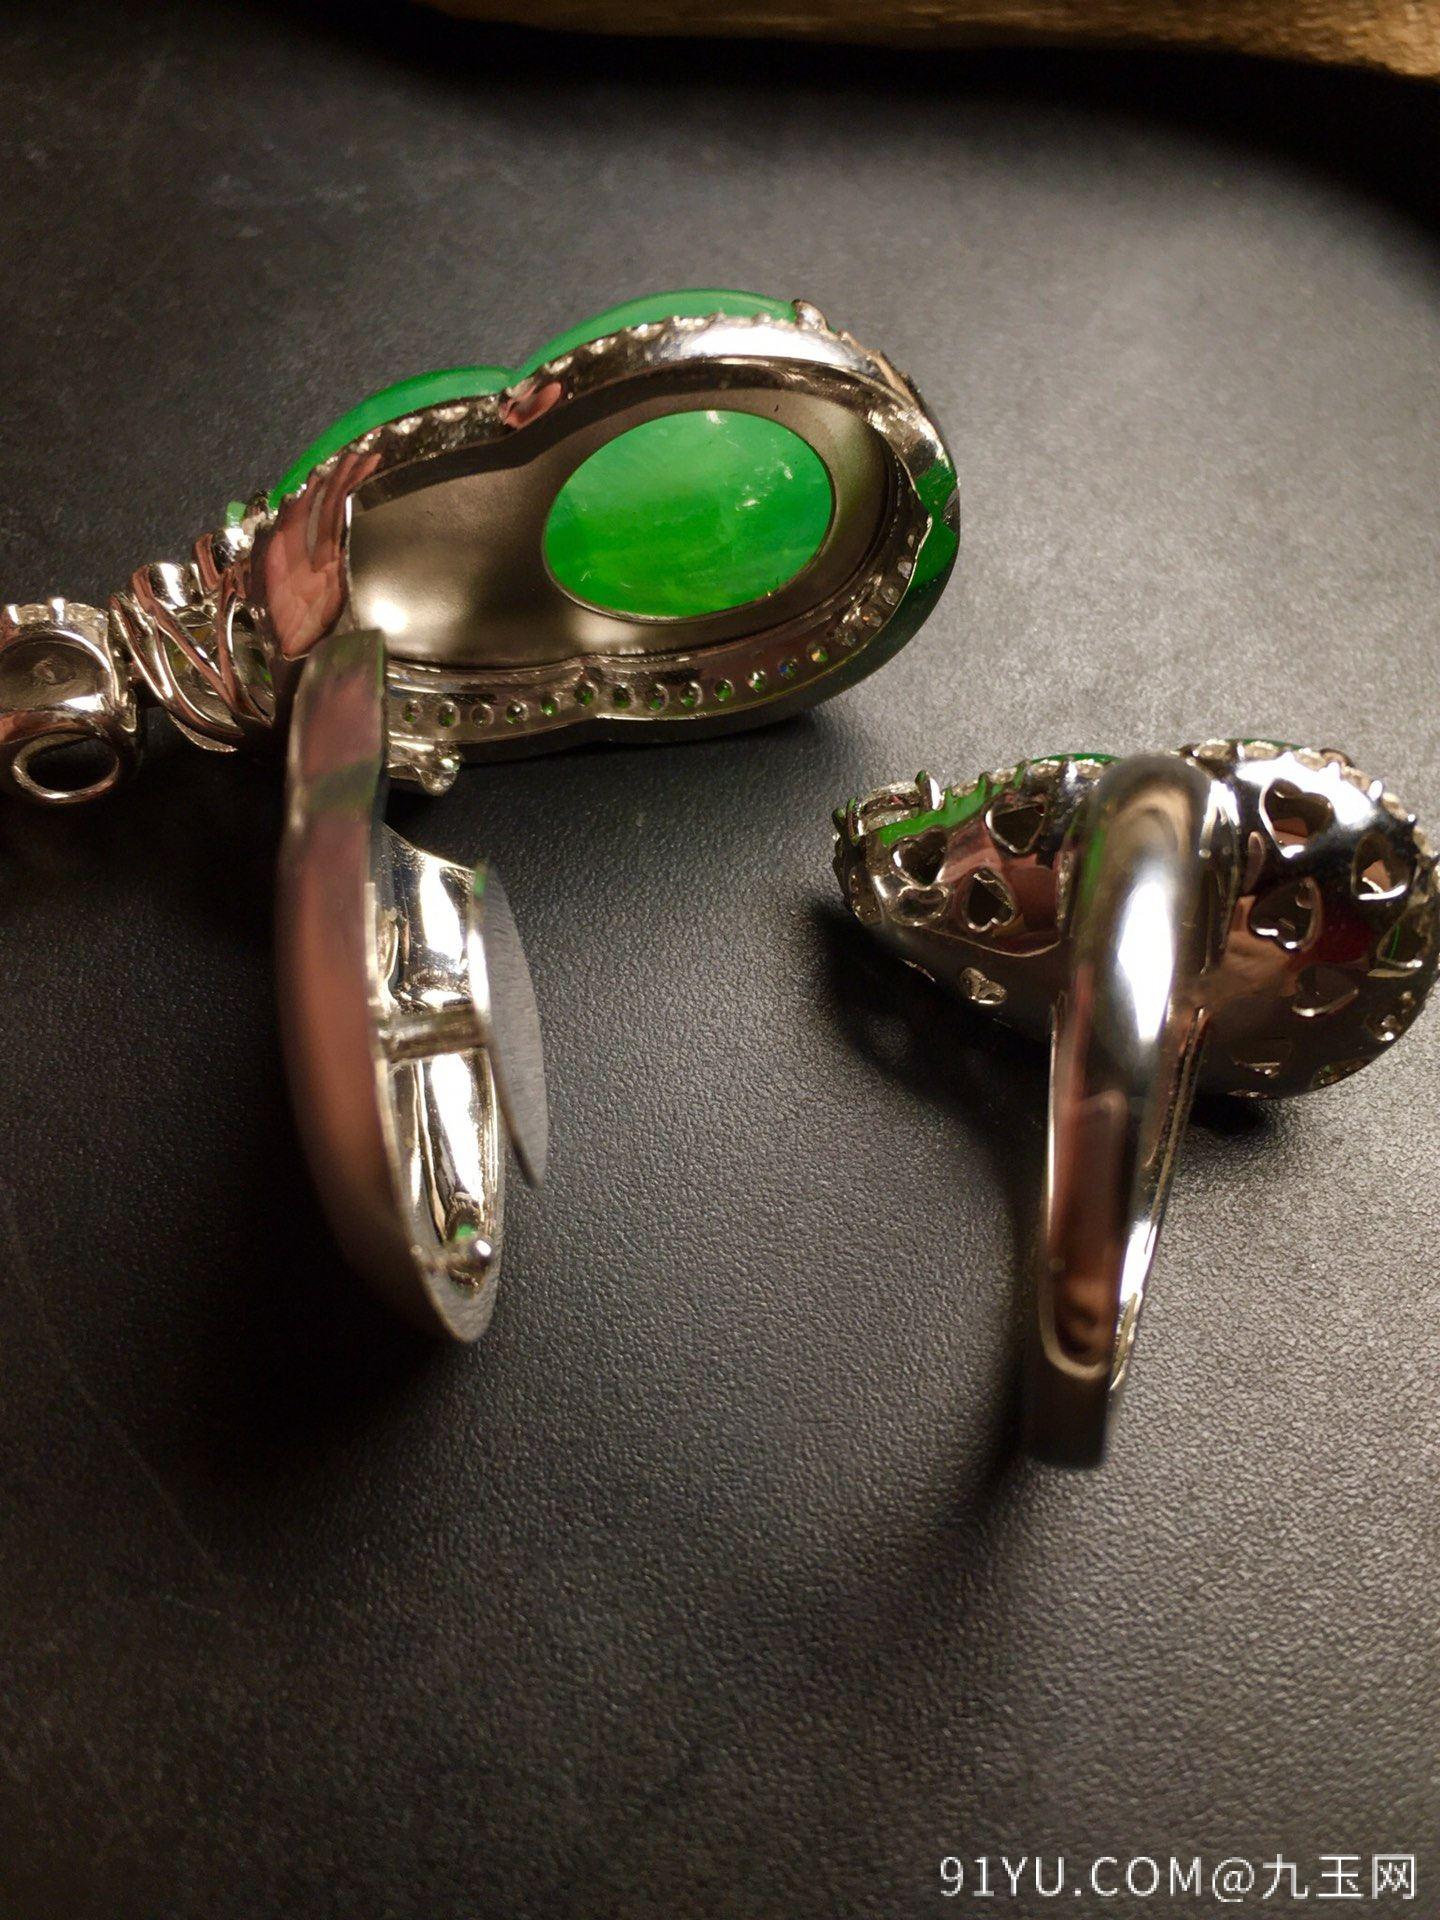 套【葫芦套装,冰正阳绿】通透,水润,完美,18k金华奢钻镶石嵌☕第6张